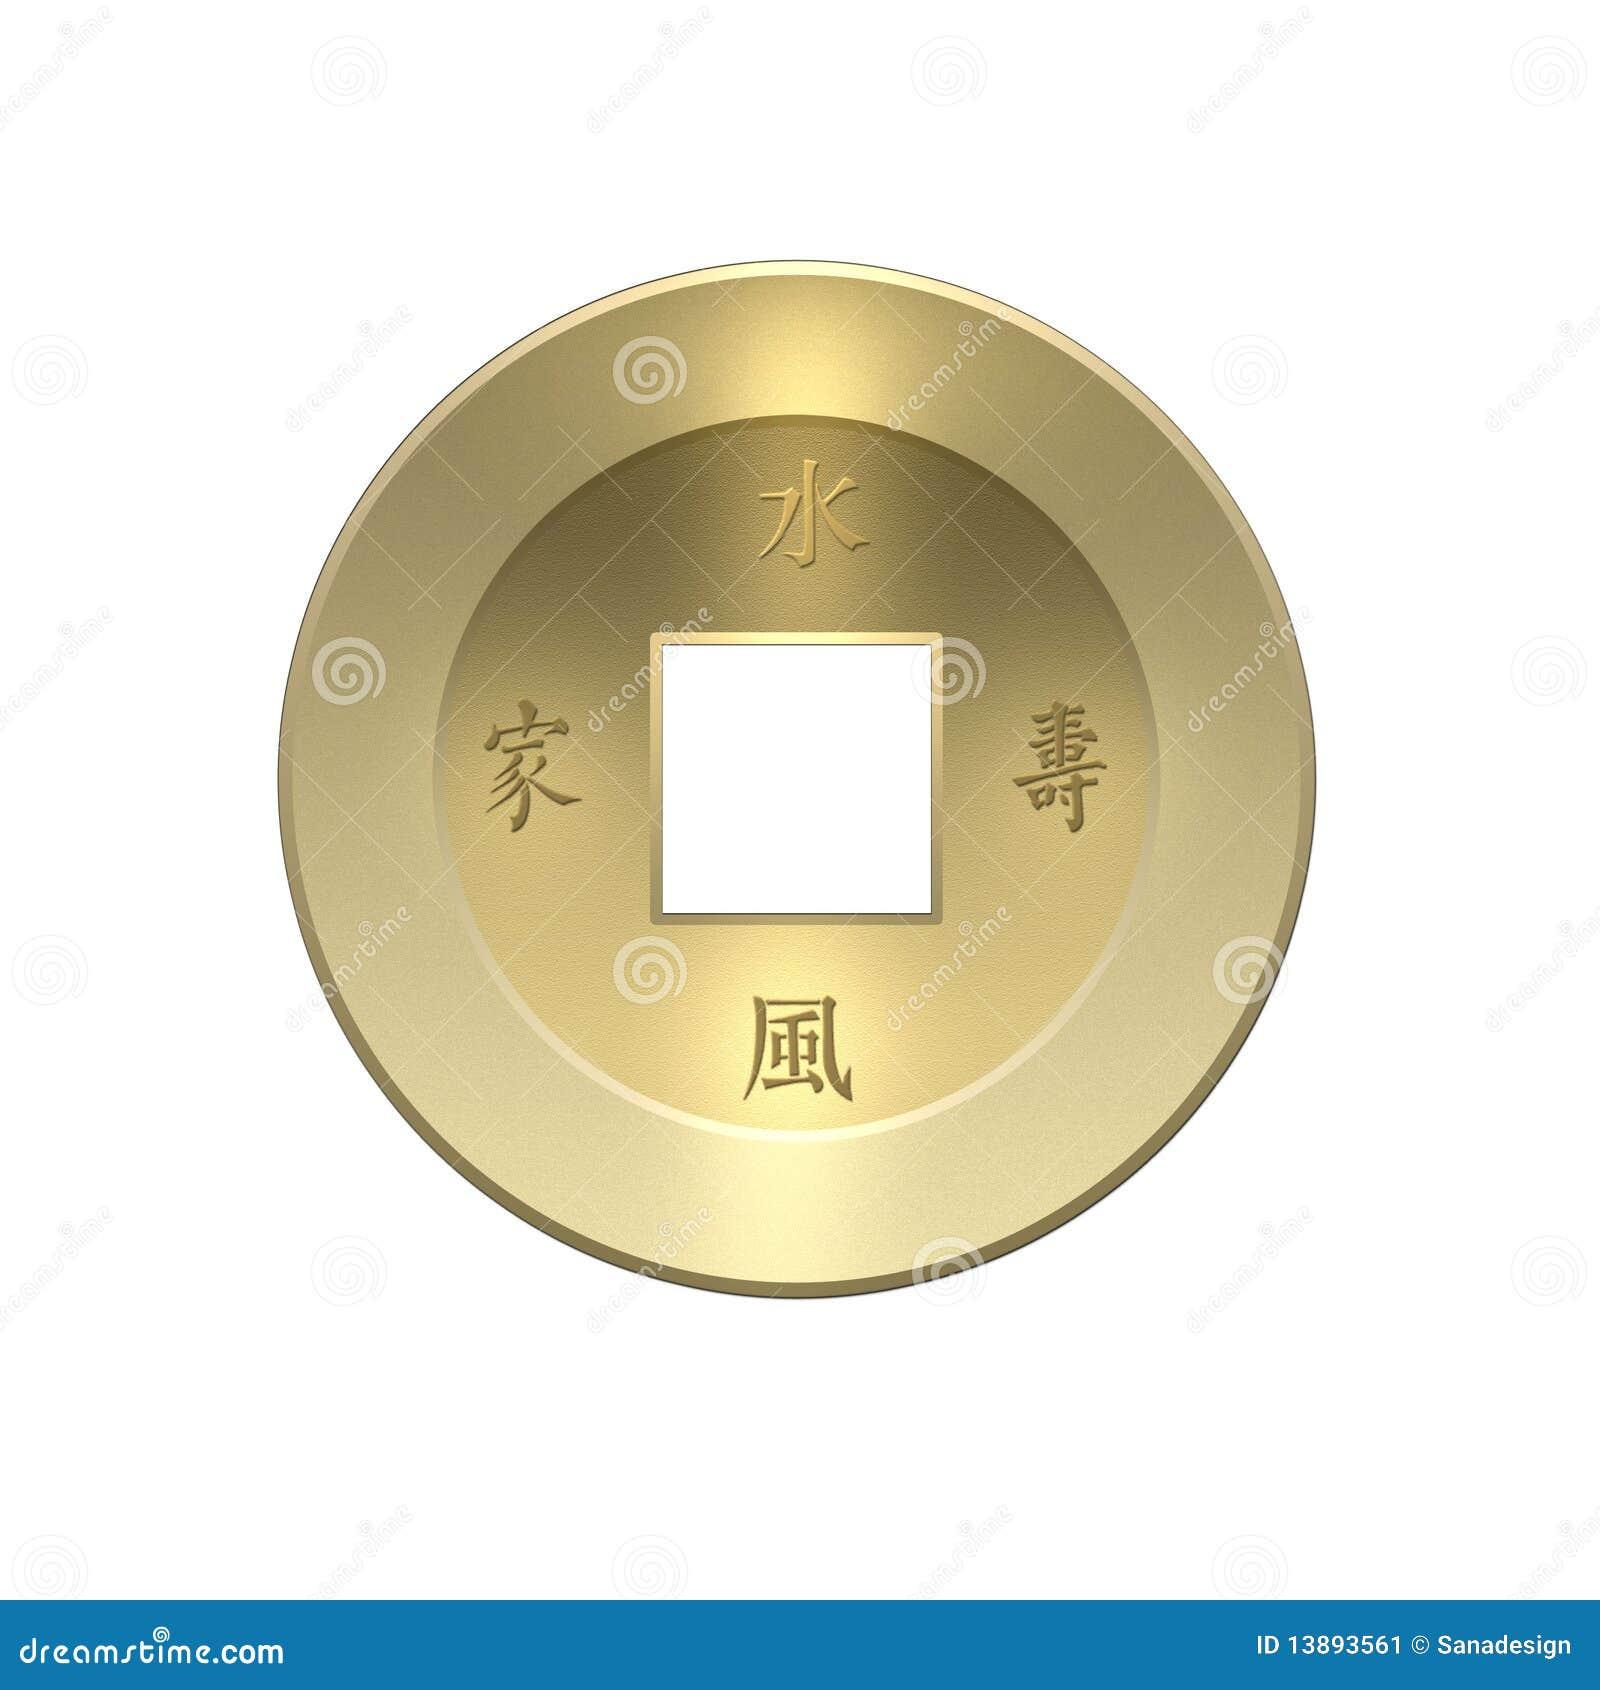 Japanische Münze Mit Hieroglyphen Stock Abbildung Illustration Von